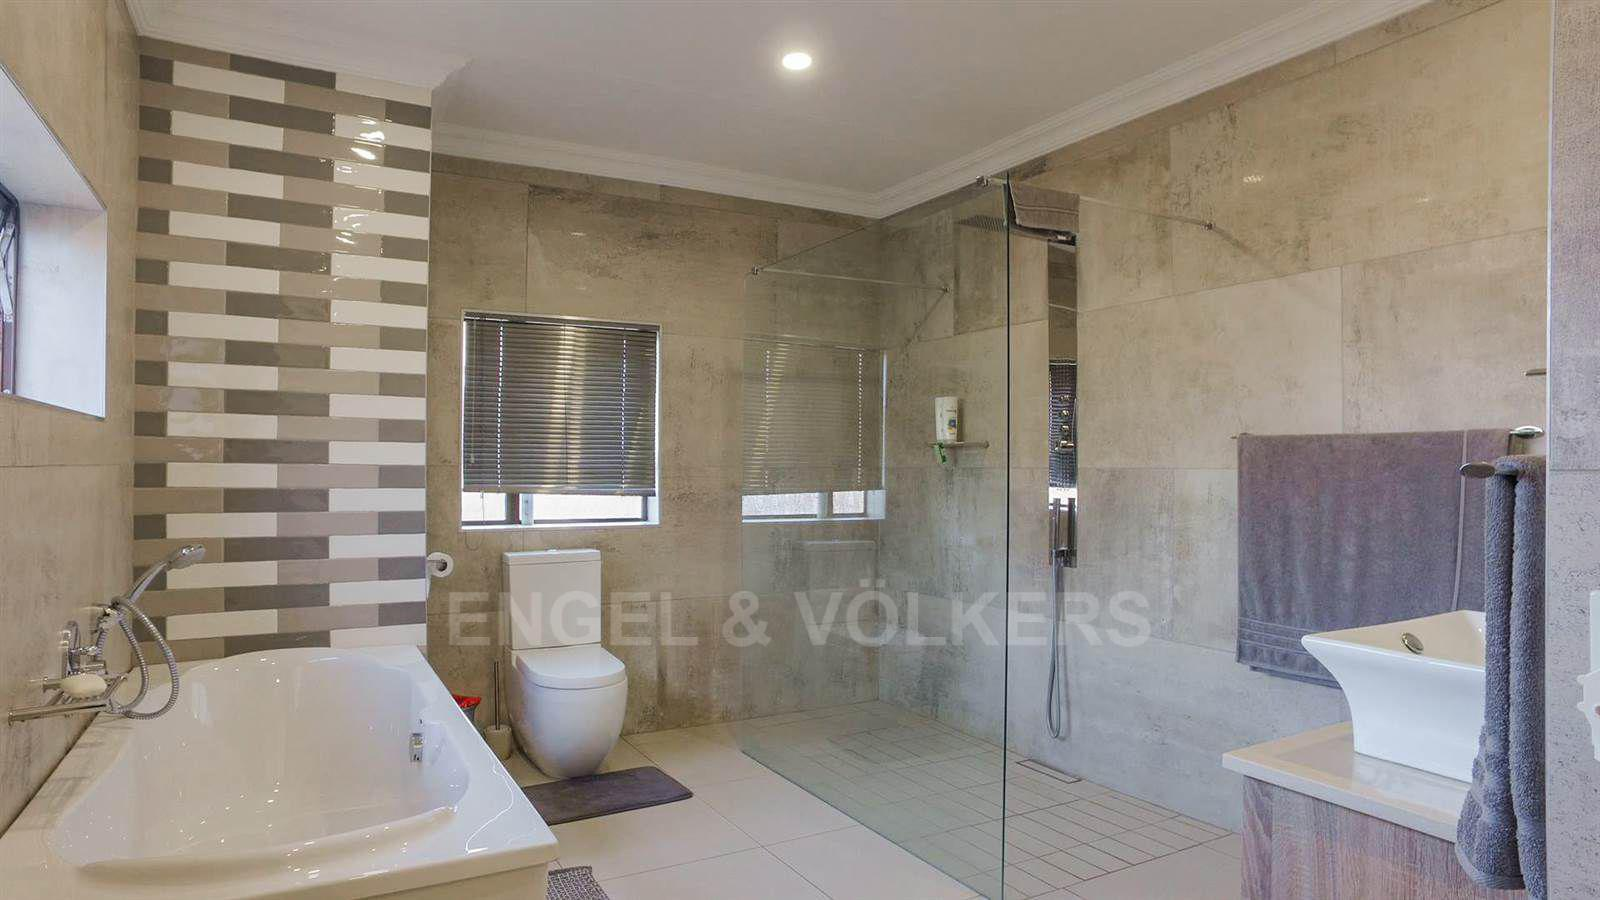 Eldoraigne property for sale. Ref No: 13520407. Picture no 17